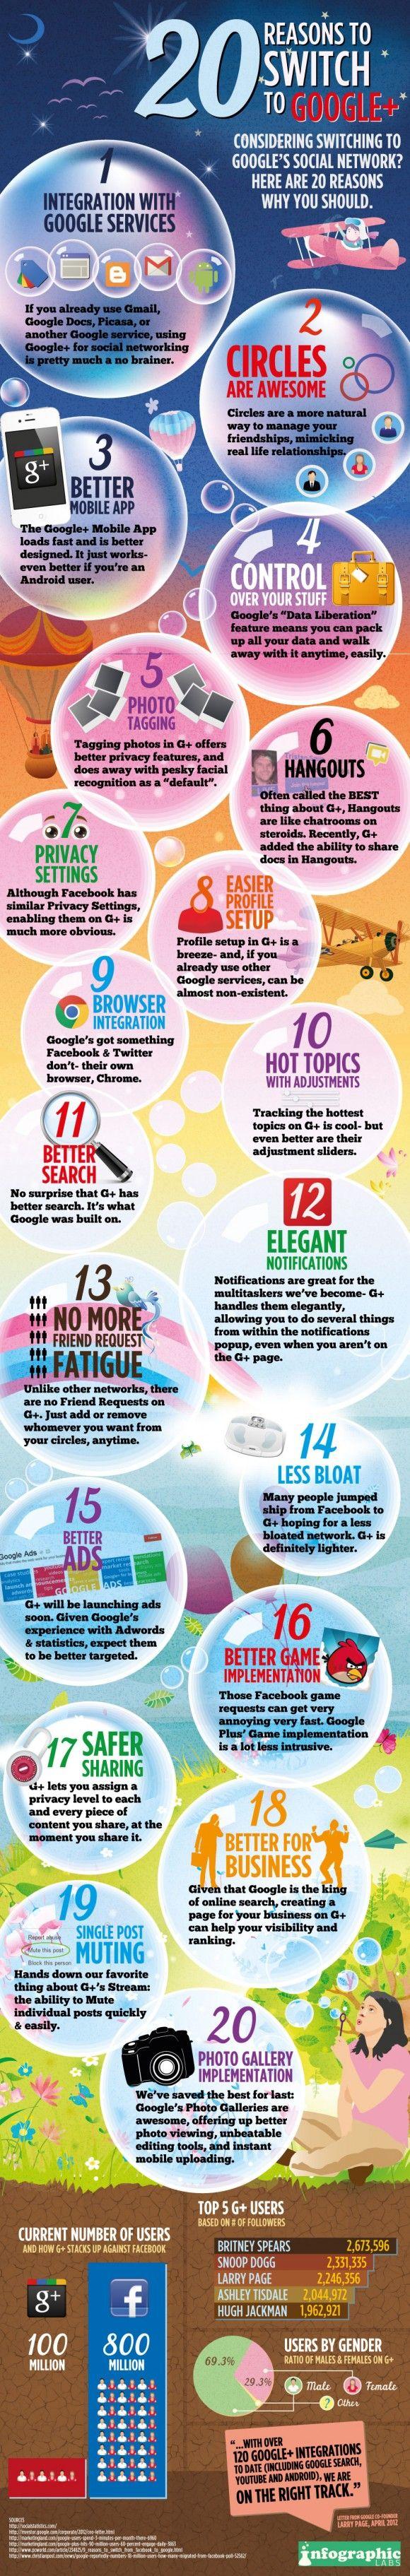 Google+ tiene 100 millones de usuarios, pero puede palidecer bastante en comparación con los 800 millones (!) de Facebook, pero, como es ilustrado en este diseño de infografía por Infographic Labs, hay muchos motivos para comprobar lo que podría ser la siguiente cosa grande en la gestión de las redes sociales.    La razón más irresistible sería para aquellos que usan otros productos de Google para tener servicios sin fisuras. Esta infografía anterior sobre Google perfiló el desarrollo de la…